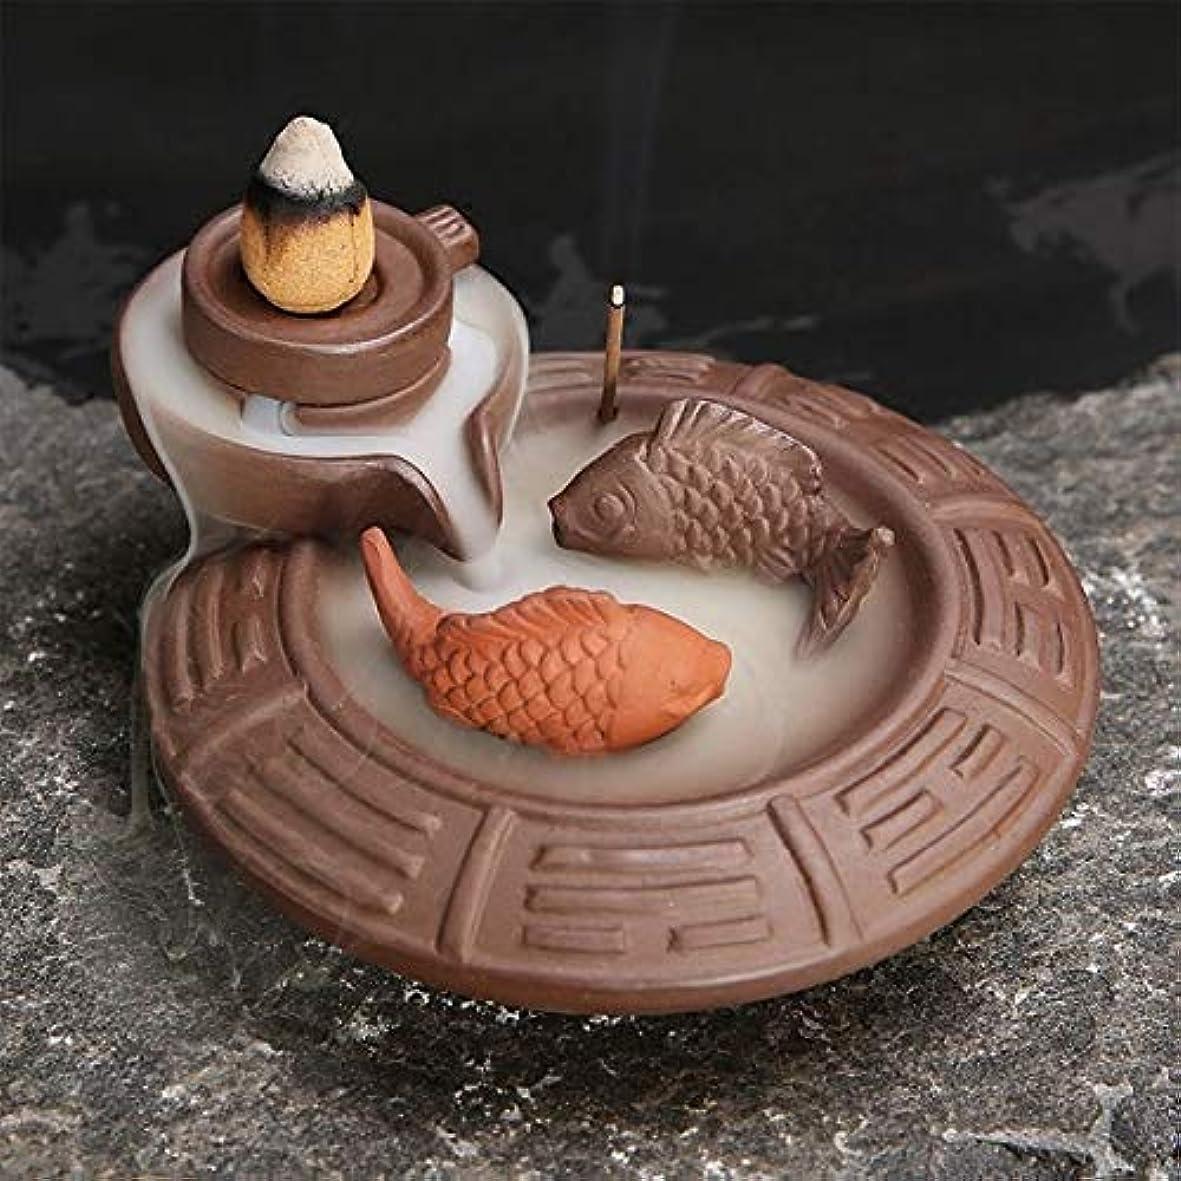 有毒撤退振り子(Fish) - Jeteven Ceramic Fish Backflow Incense Burner, Incense Cones Sticks Holder, Ideal for Yoga Room, Home Decoration & Handicraft Gift